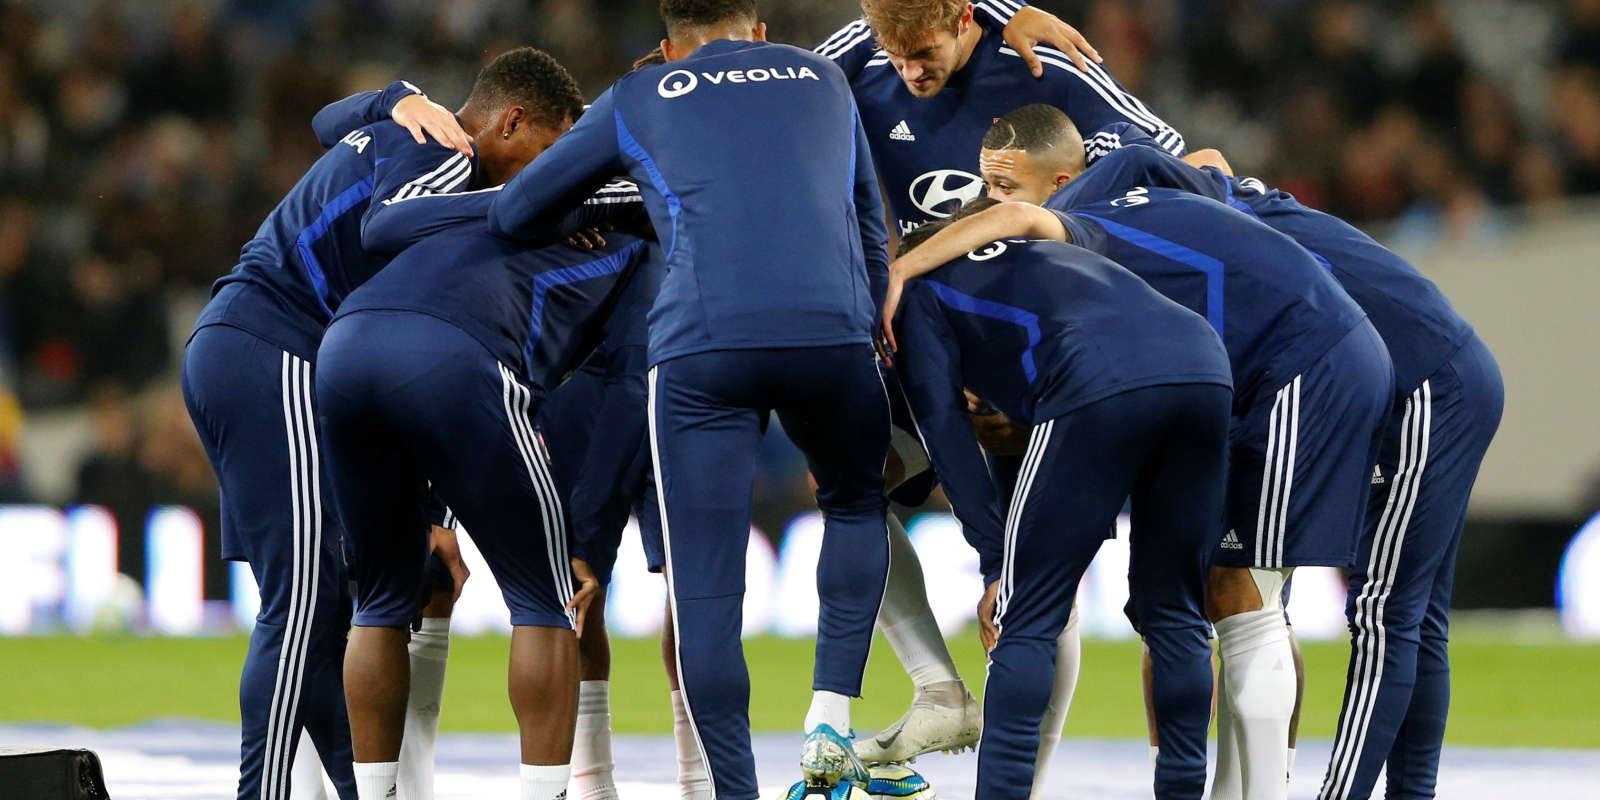 Les Lyonnais à l'échauffement avant le match de Ligue 1 contre Toulouse, le 2 novembre